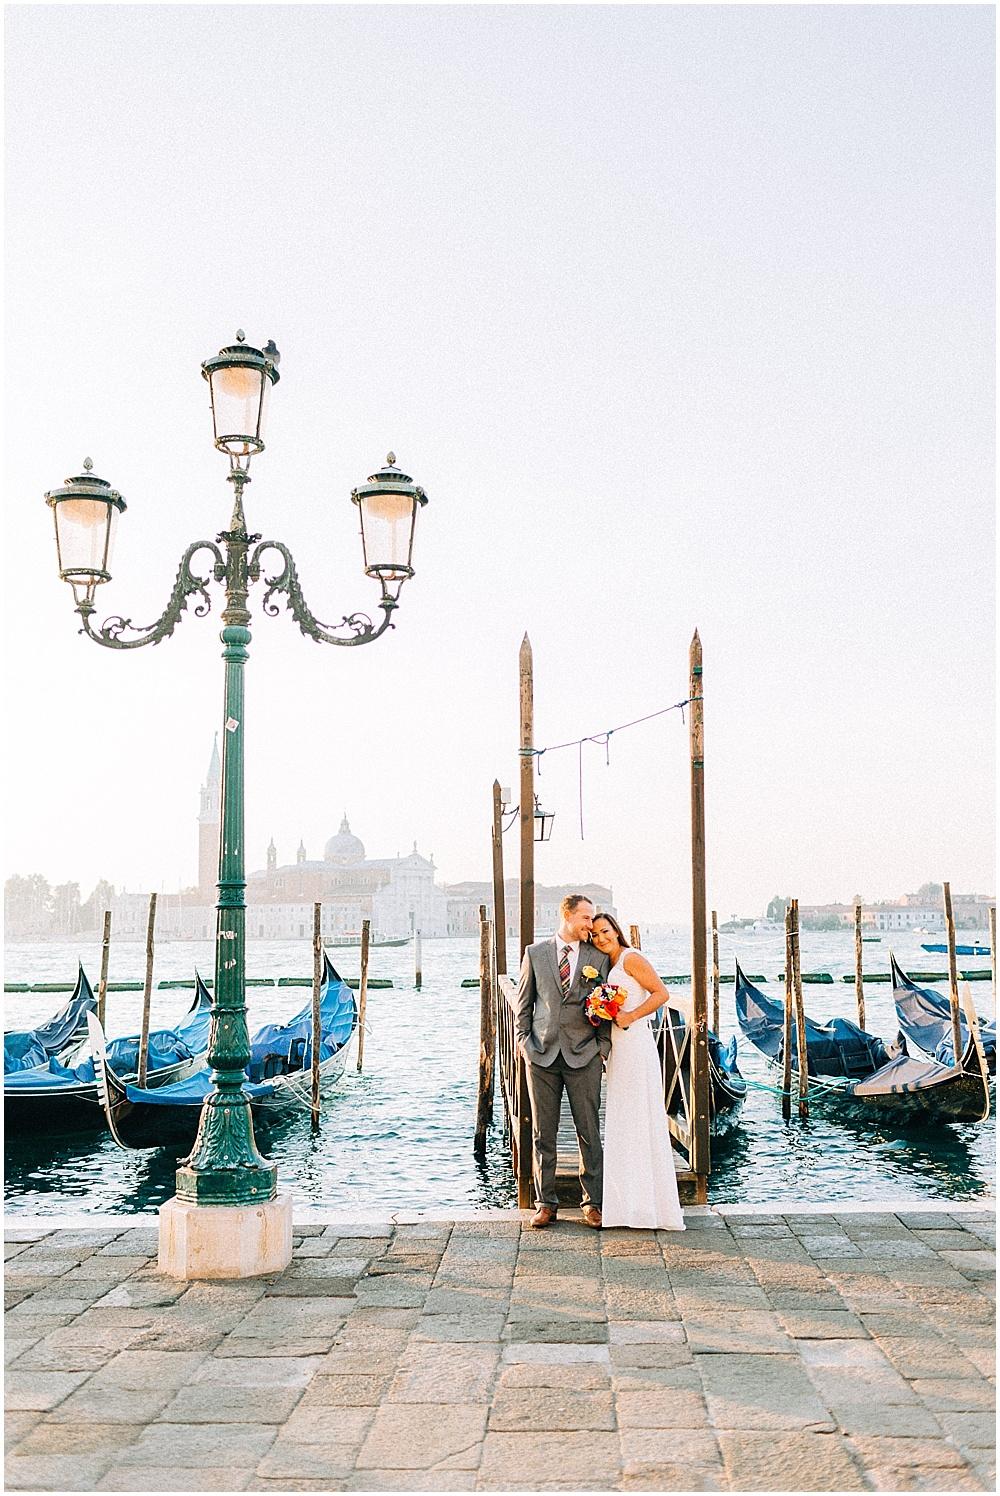 Venice-italy-wedding-photographer-stefano-degirmenci_0543.jpg